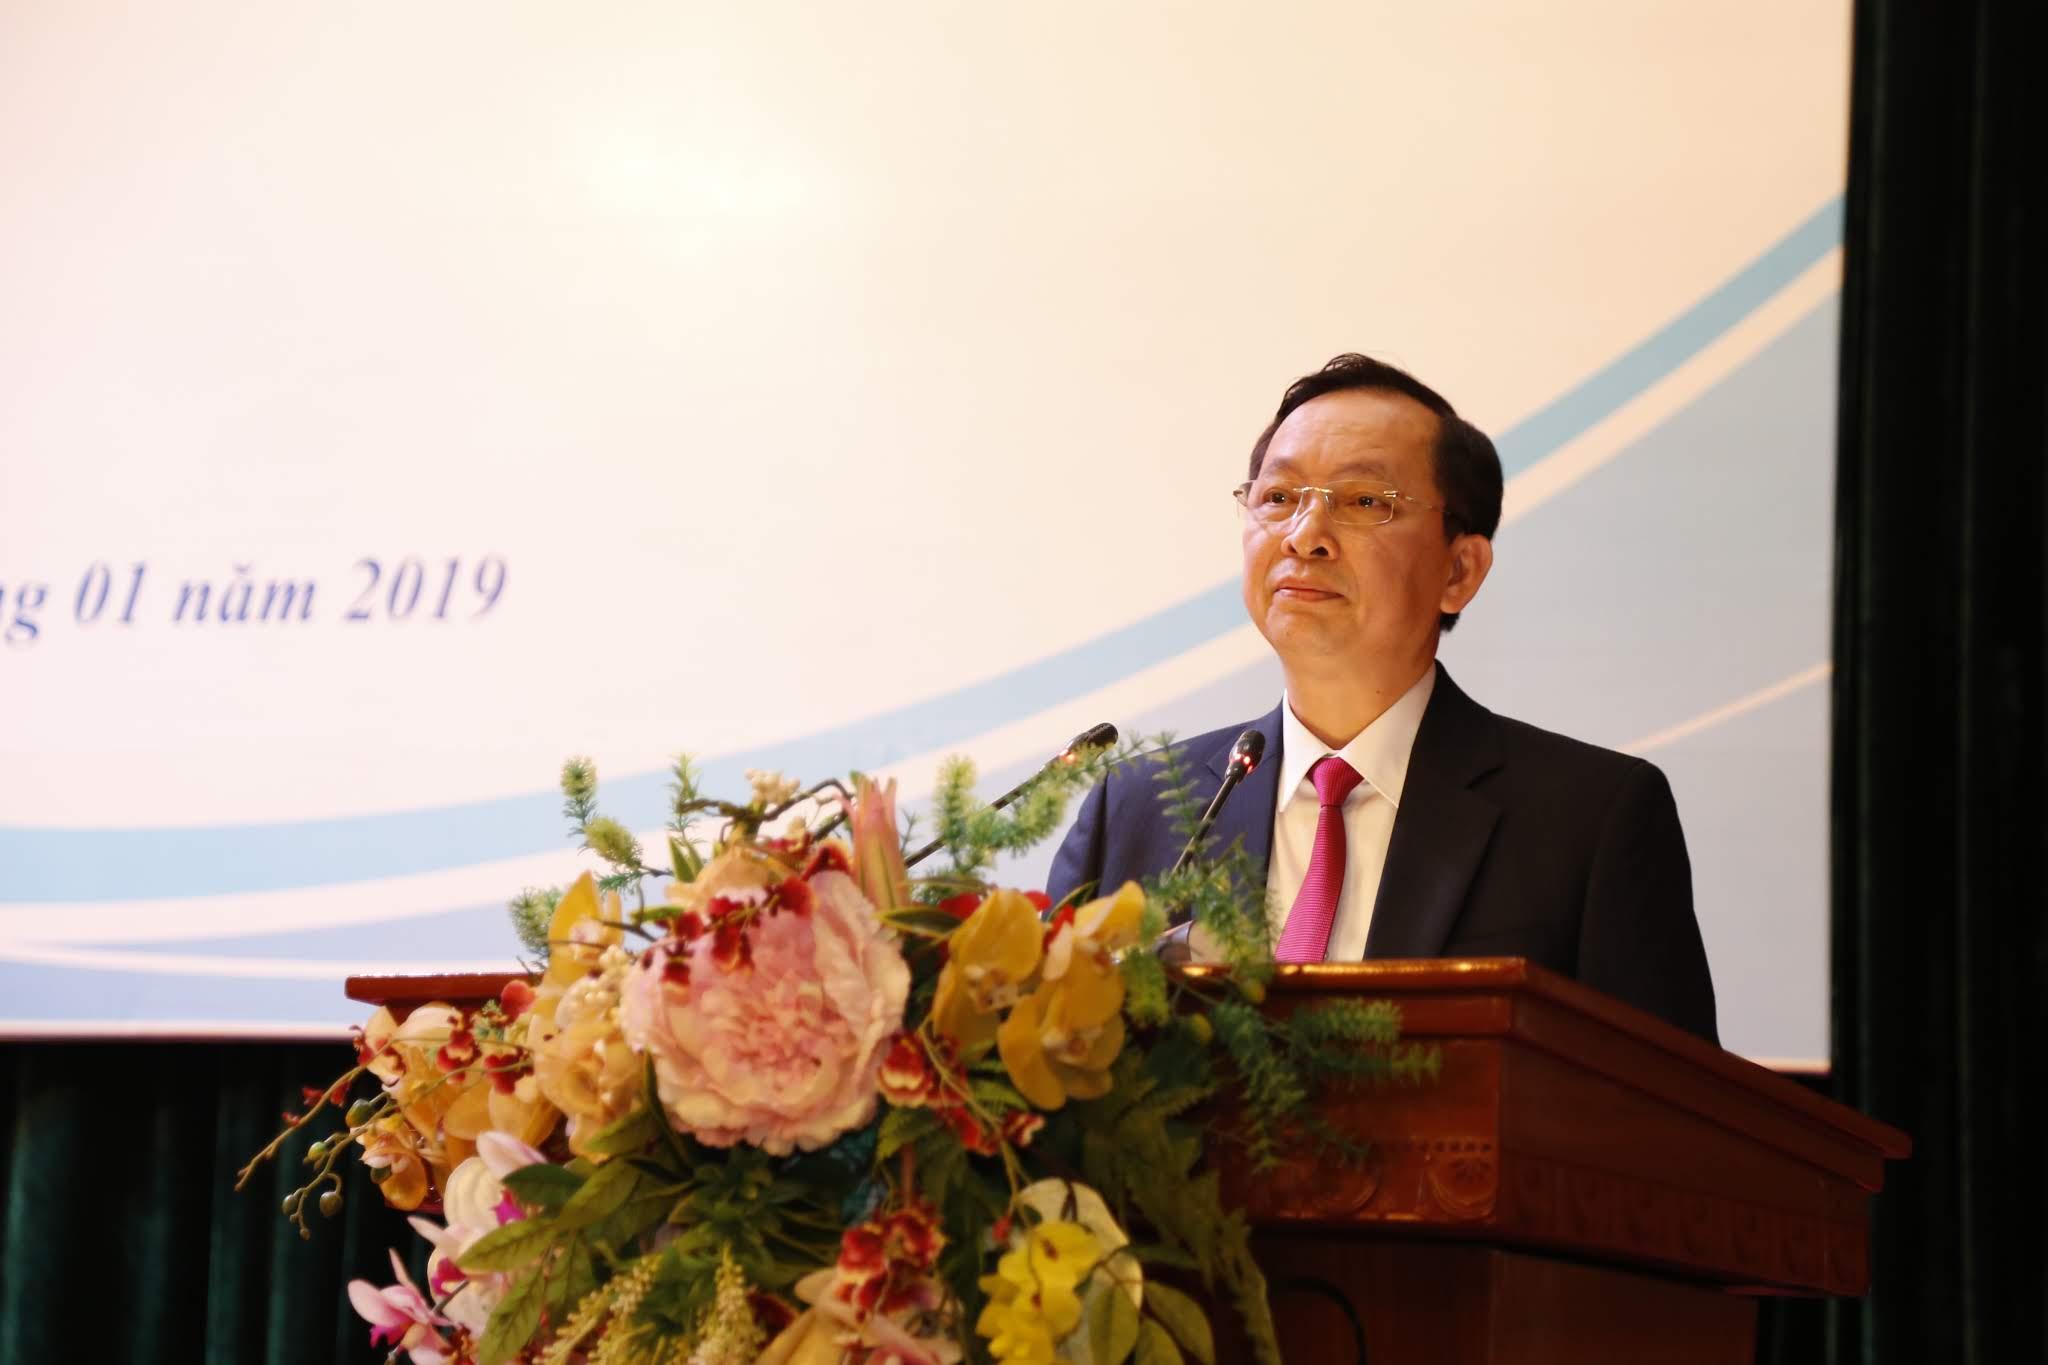 Phó Thống đốc NHNN Đào Minh Tú phát biểu chỉ đạo tại Hội nghị